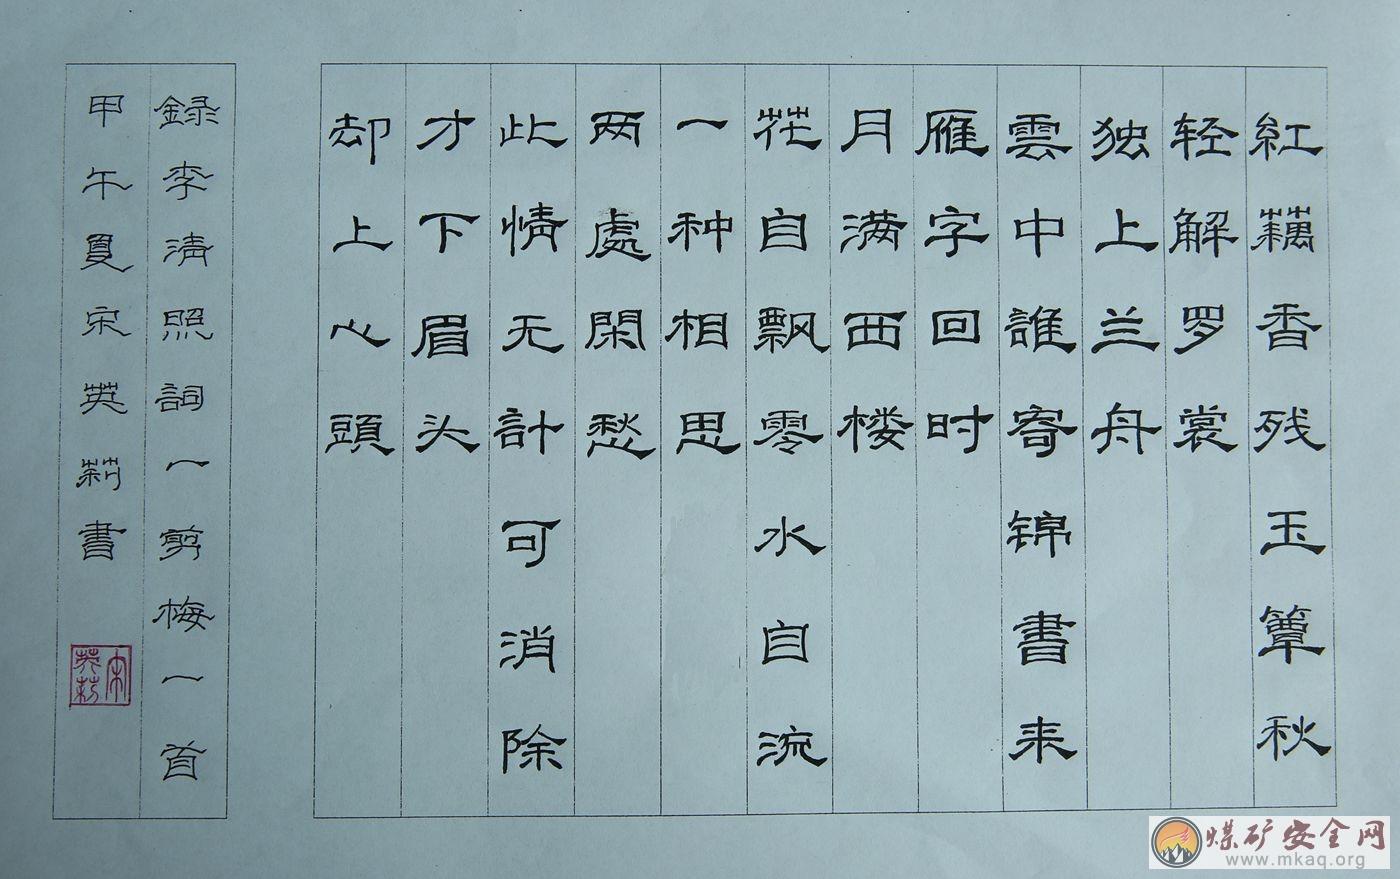 硬笔书法-中国煤矿安全生产网